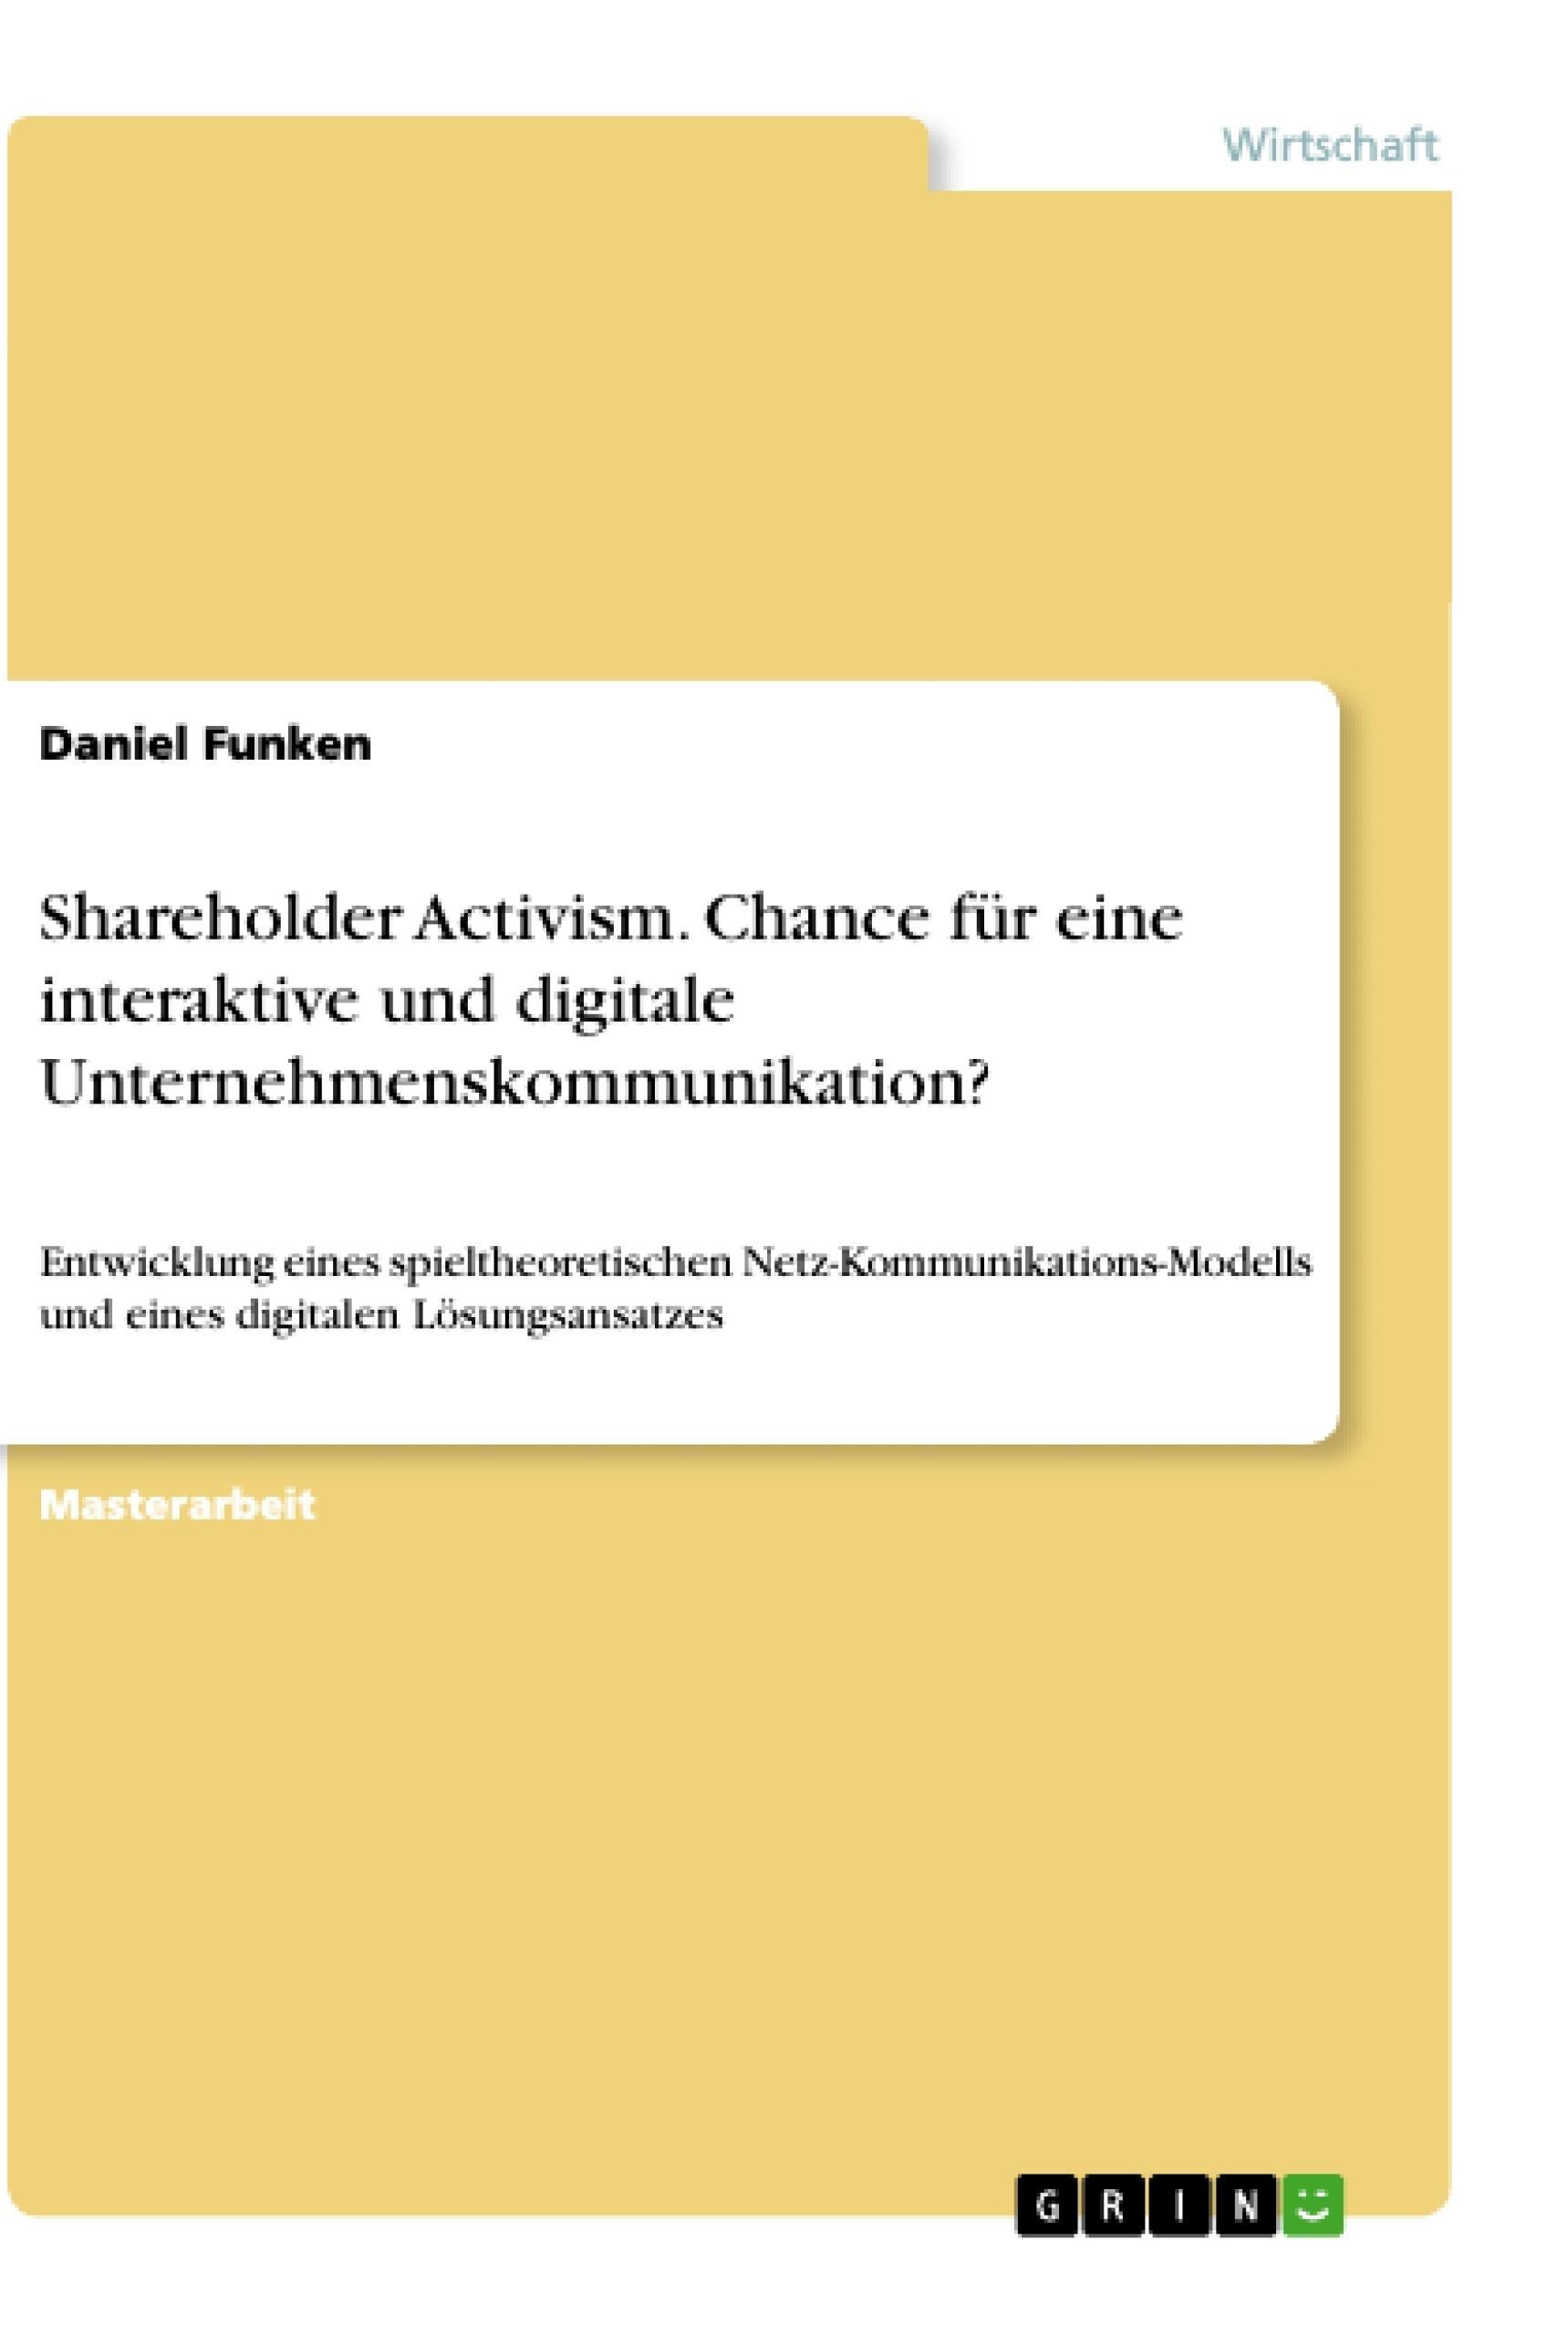 Titel: Shareholder Activism. Chance für eine interaktive und digitale Unternehmenskommunikation?